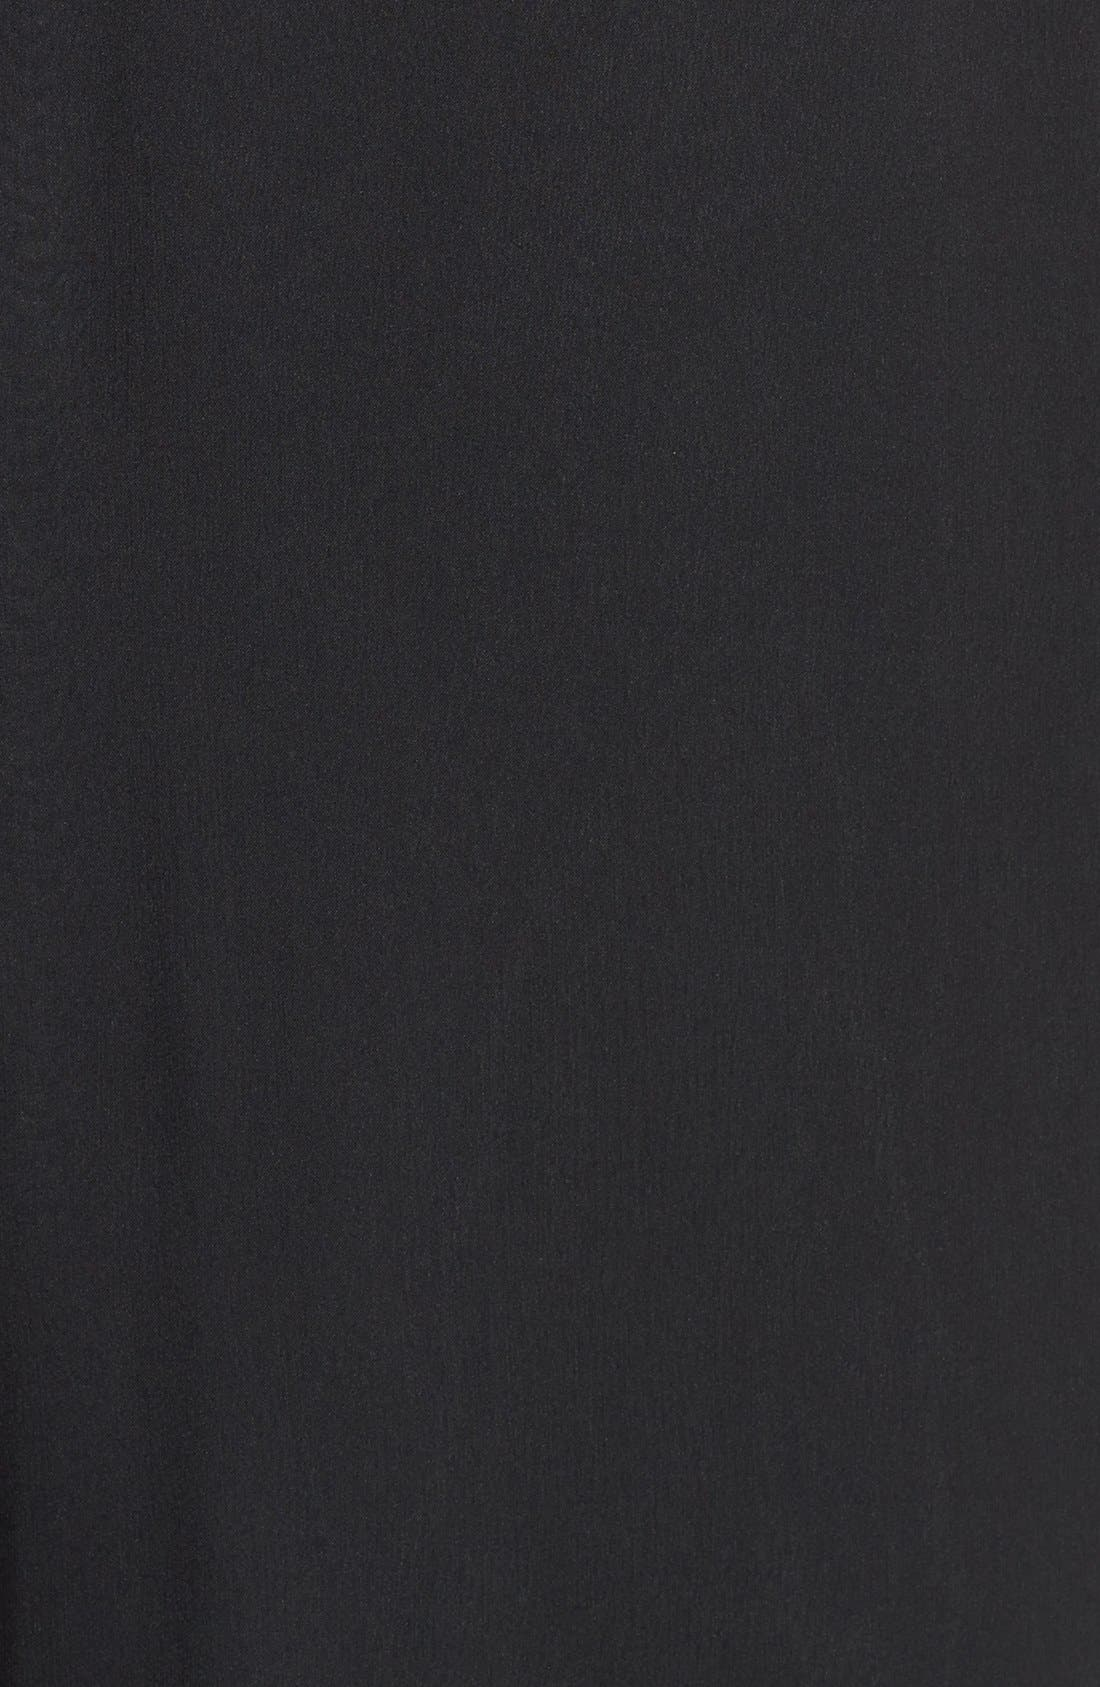 Alternate Image 3  - Jim Hjelm Occasions Illusion Lace Bodice Chiffon Dress